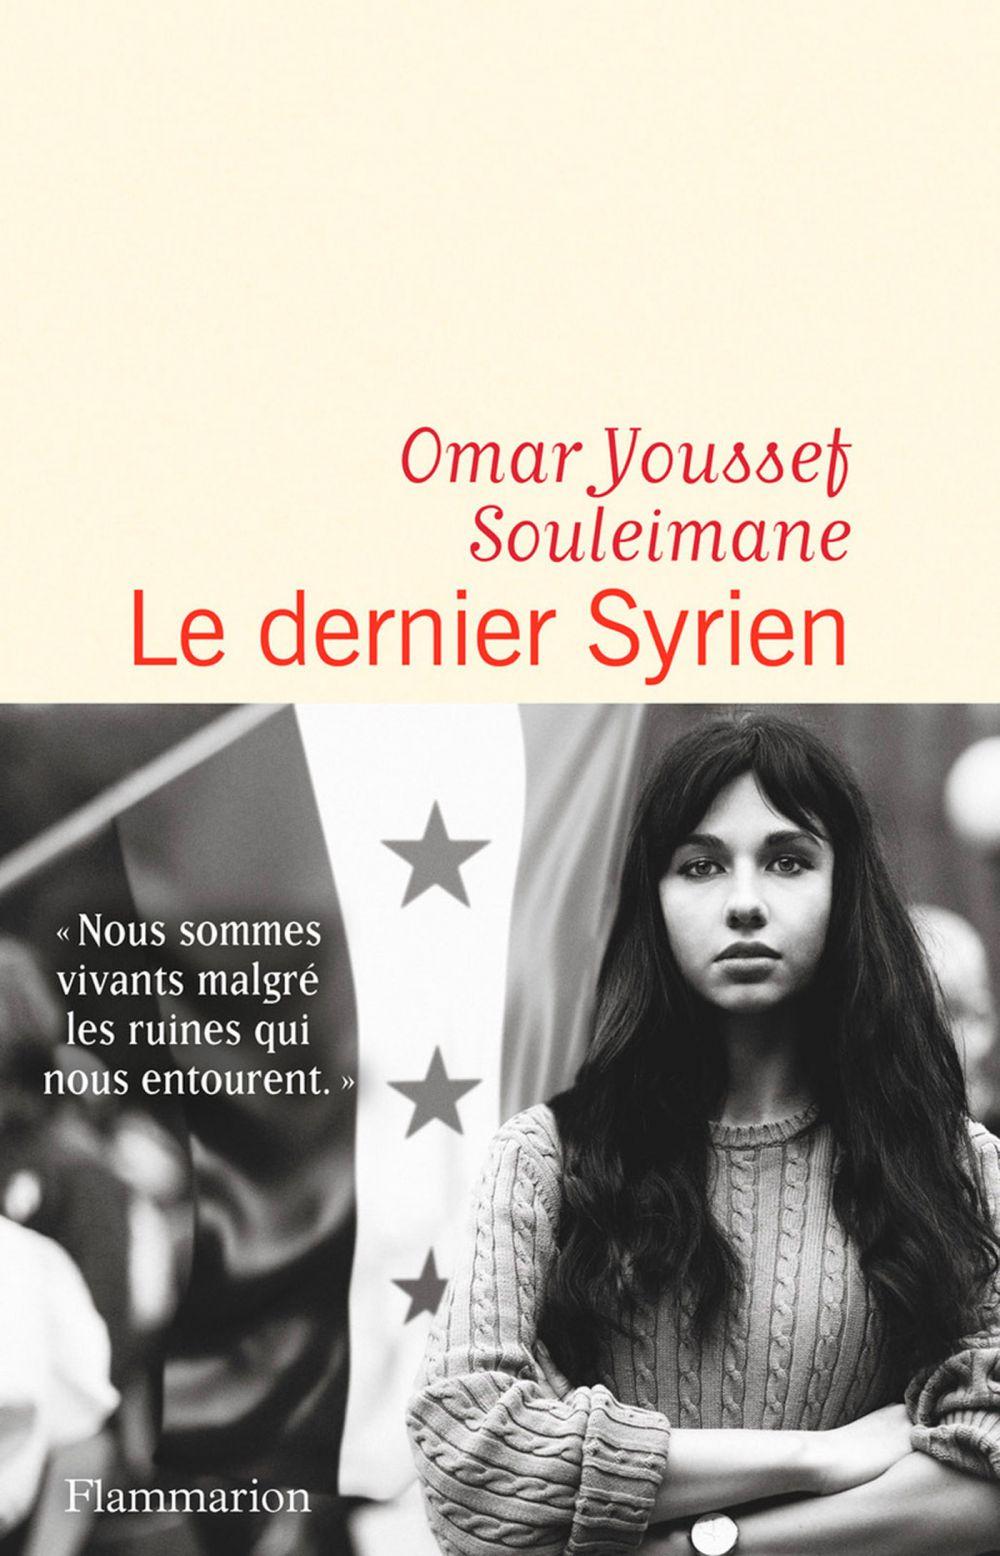 Le dernier Syrien | Souleimane, Omar Youssef. Auteur